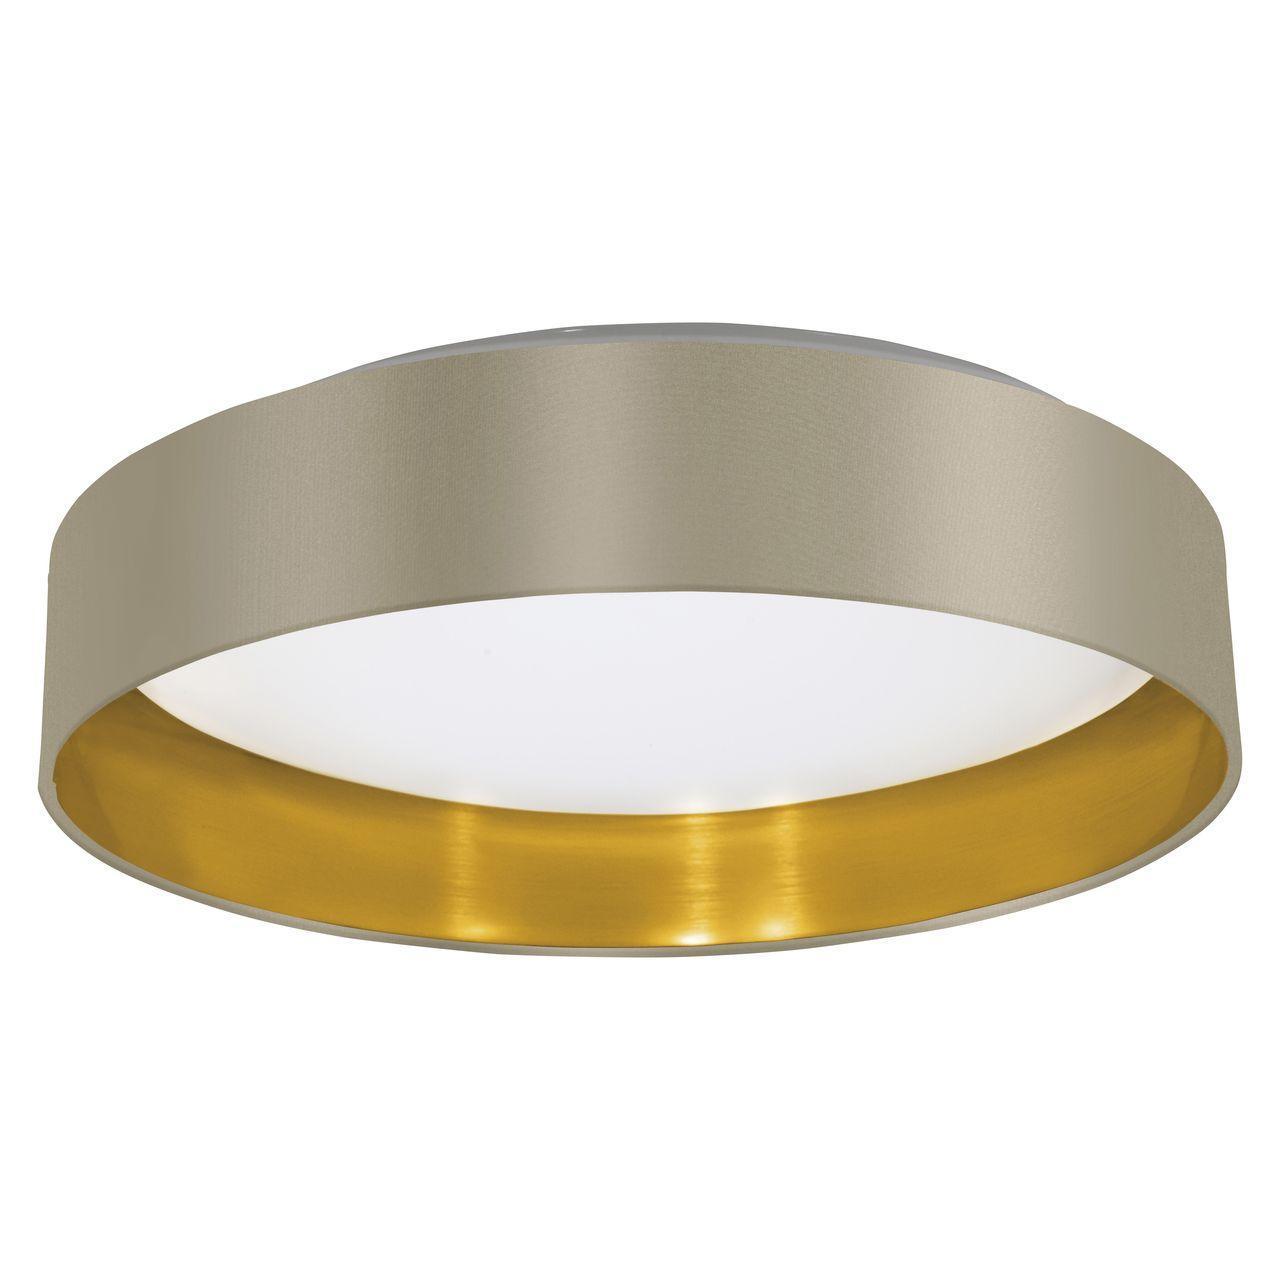 Потолочный светильник Eglo Maserlo 31624 потолочный светильник eglo maserlo 31622